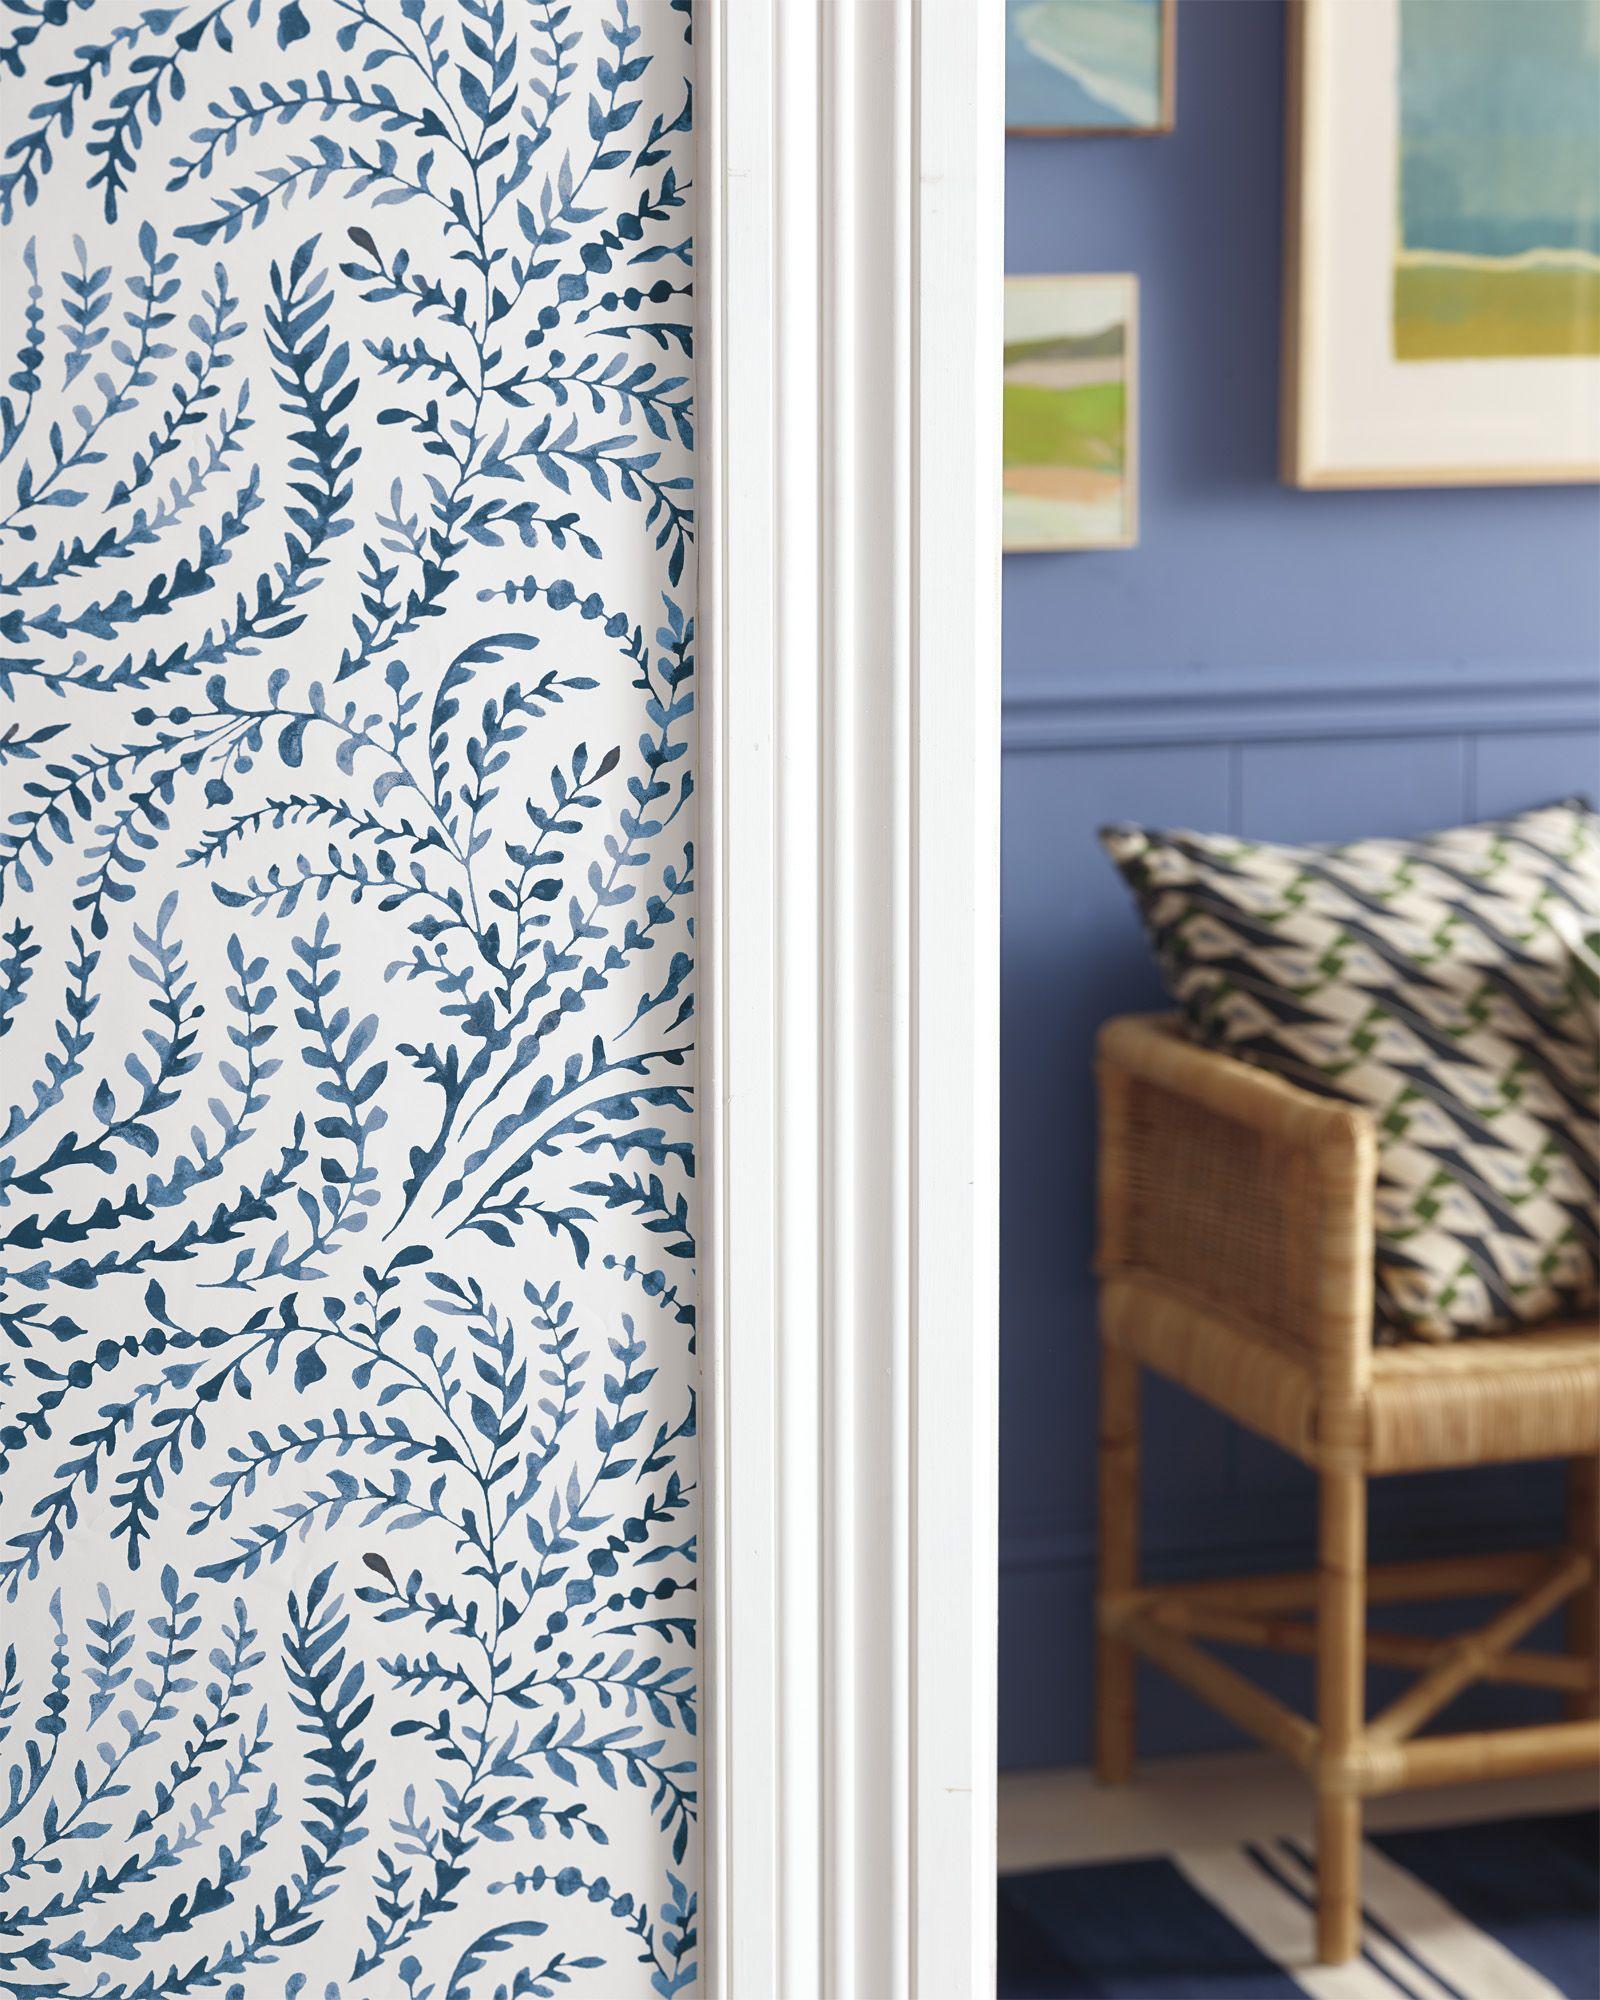 Priano Wallpaper Home wallpaper, Wallpaper stencil